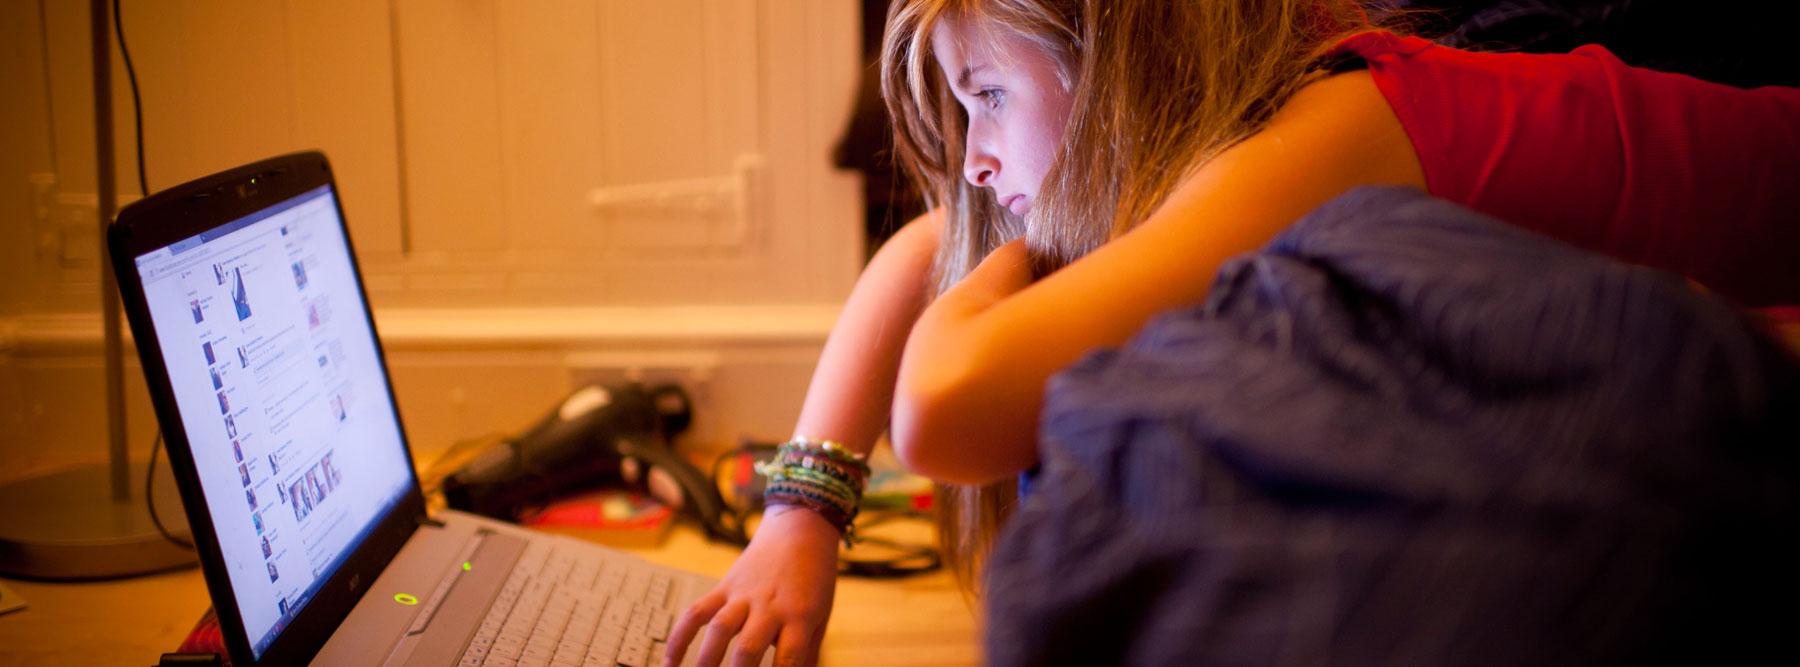 Sportello di aiuto alle vittime del cyberbullismo